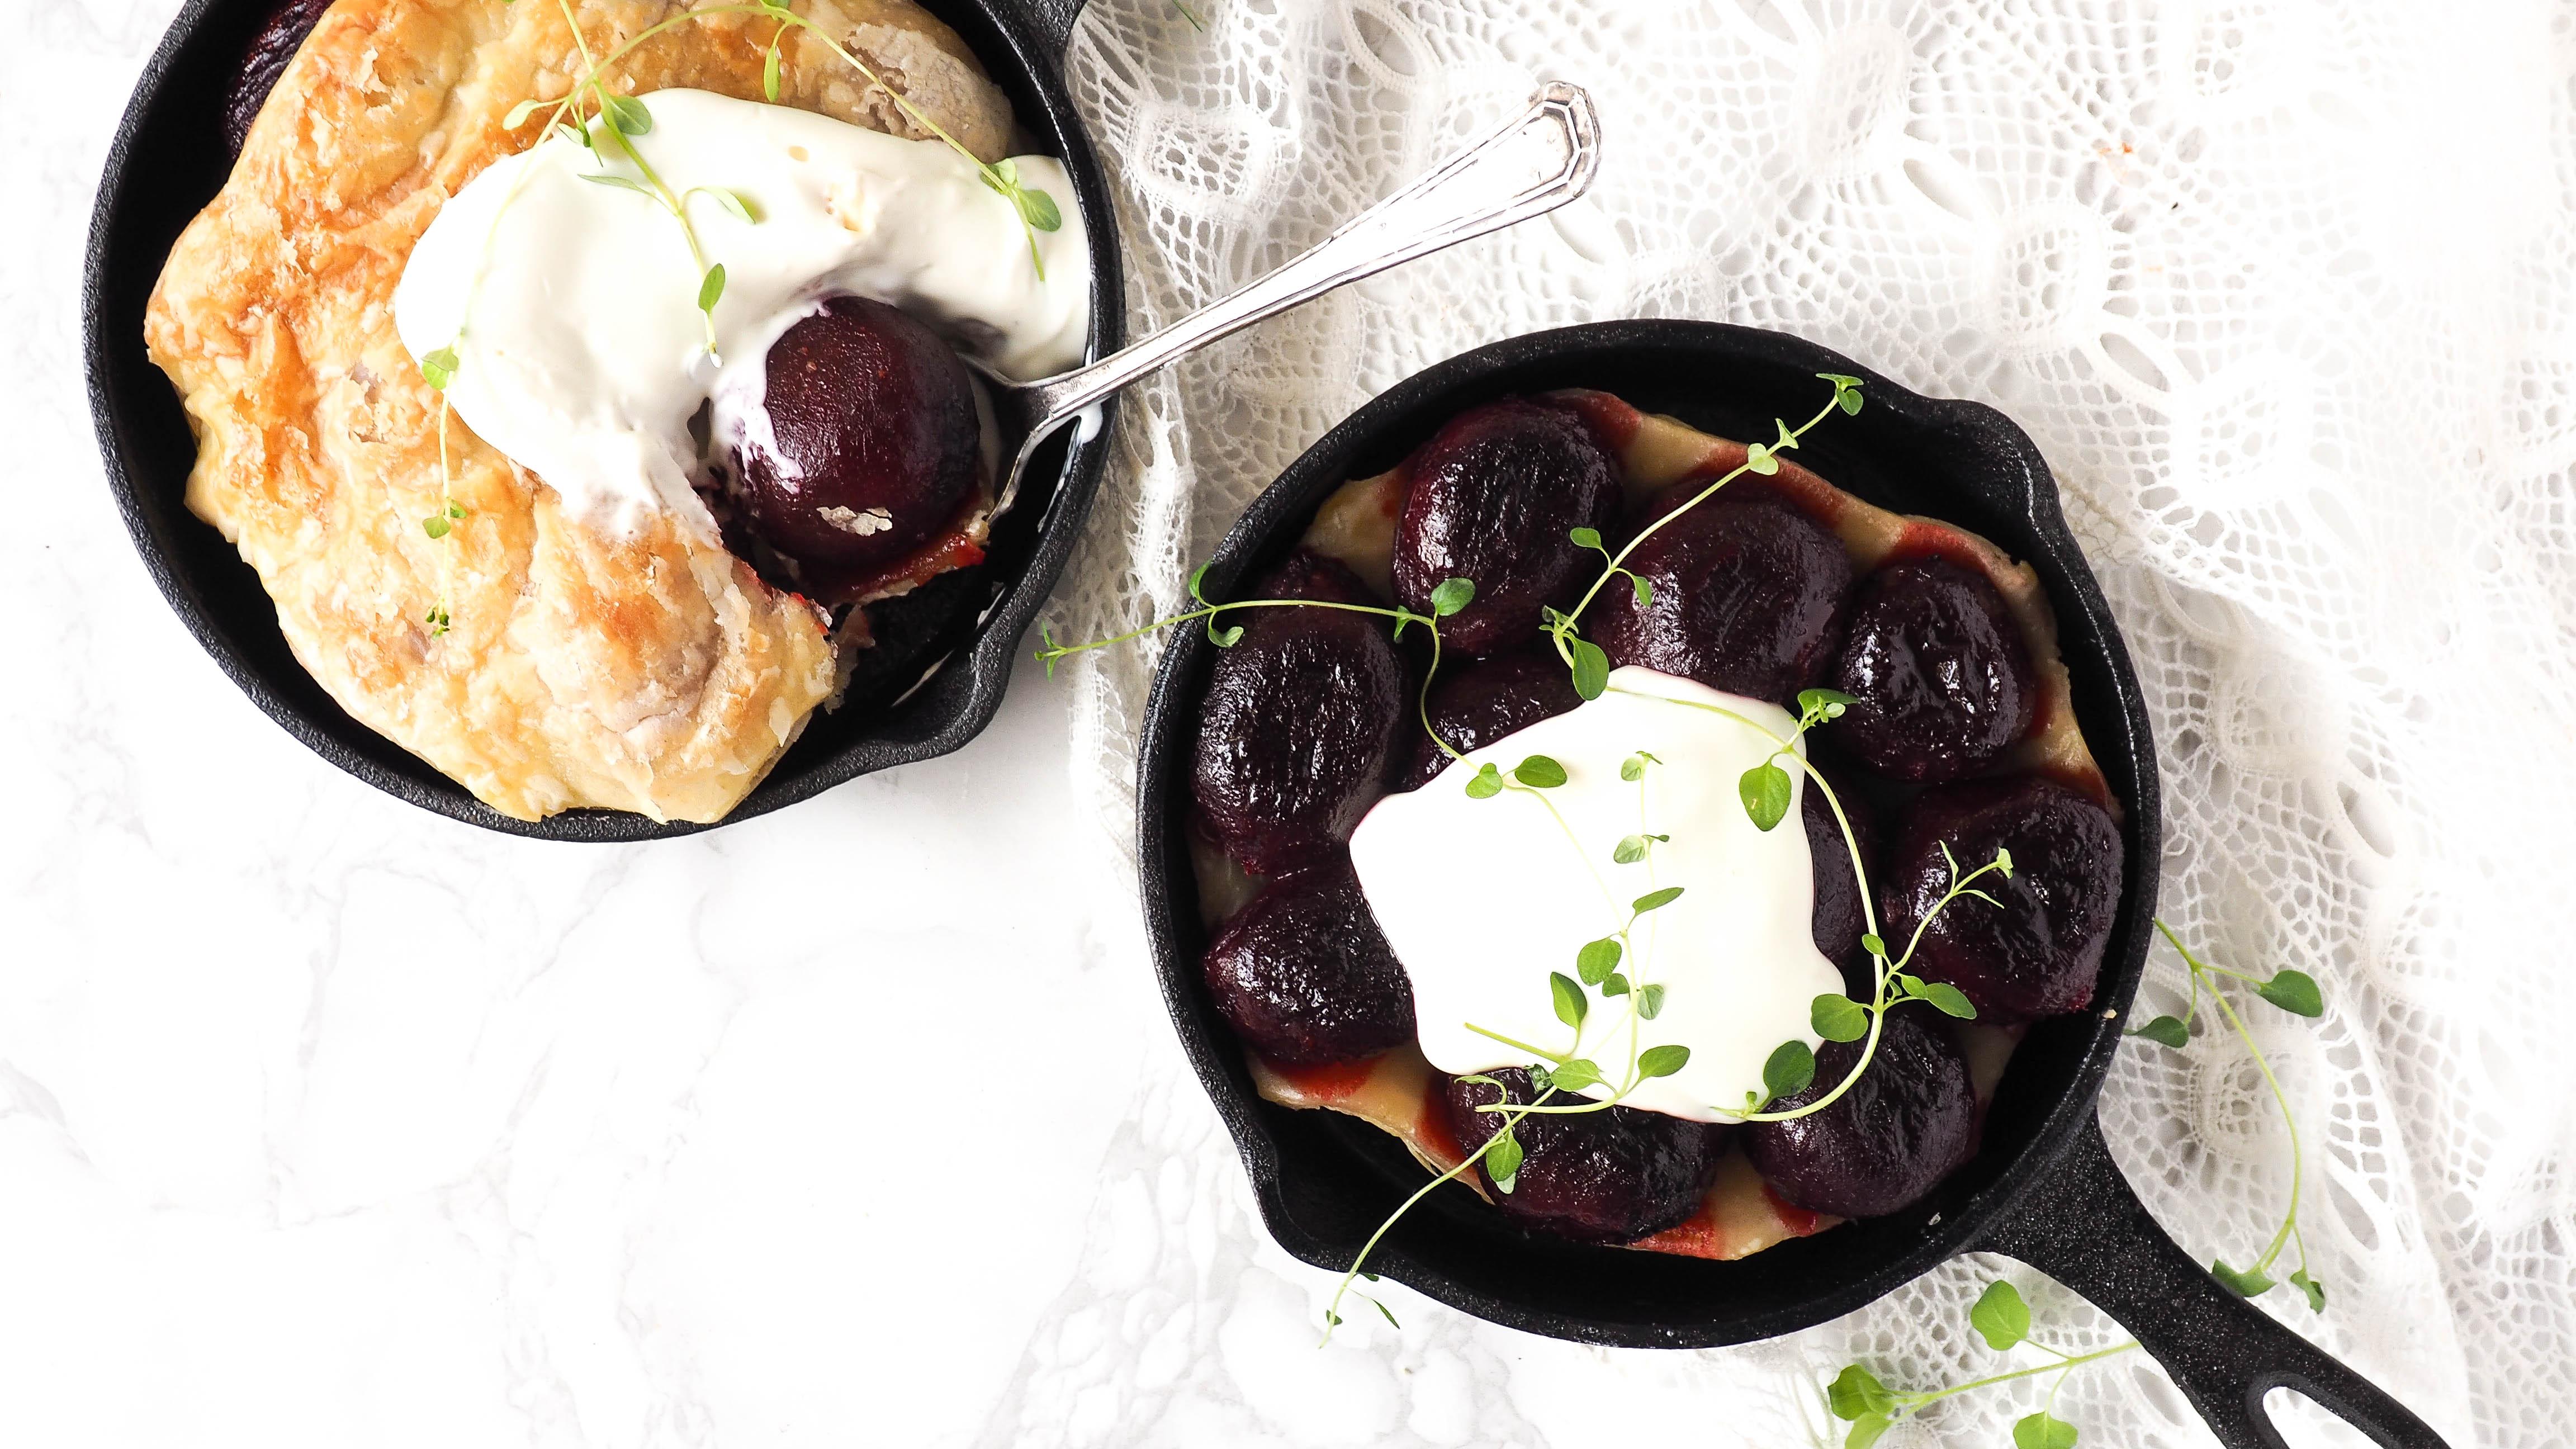 Recept: Love beets tarte tatin met geitenkaasroom